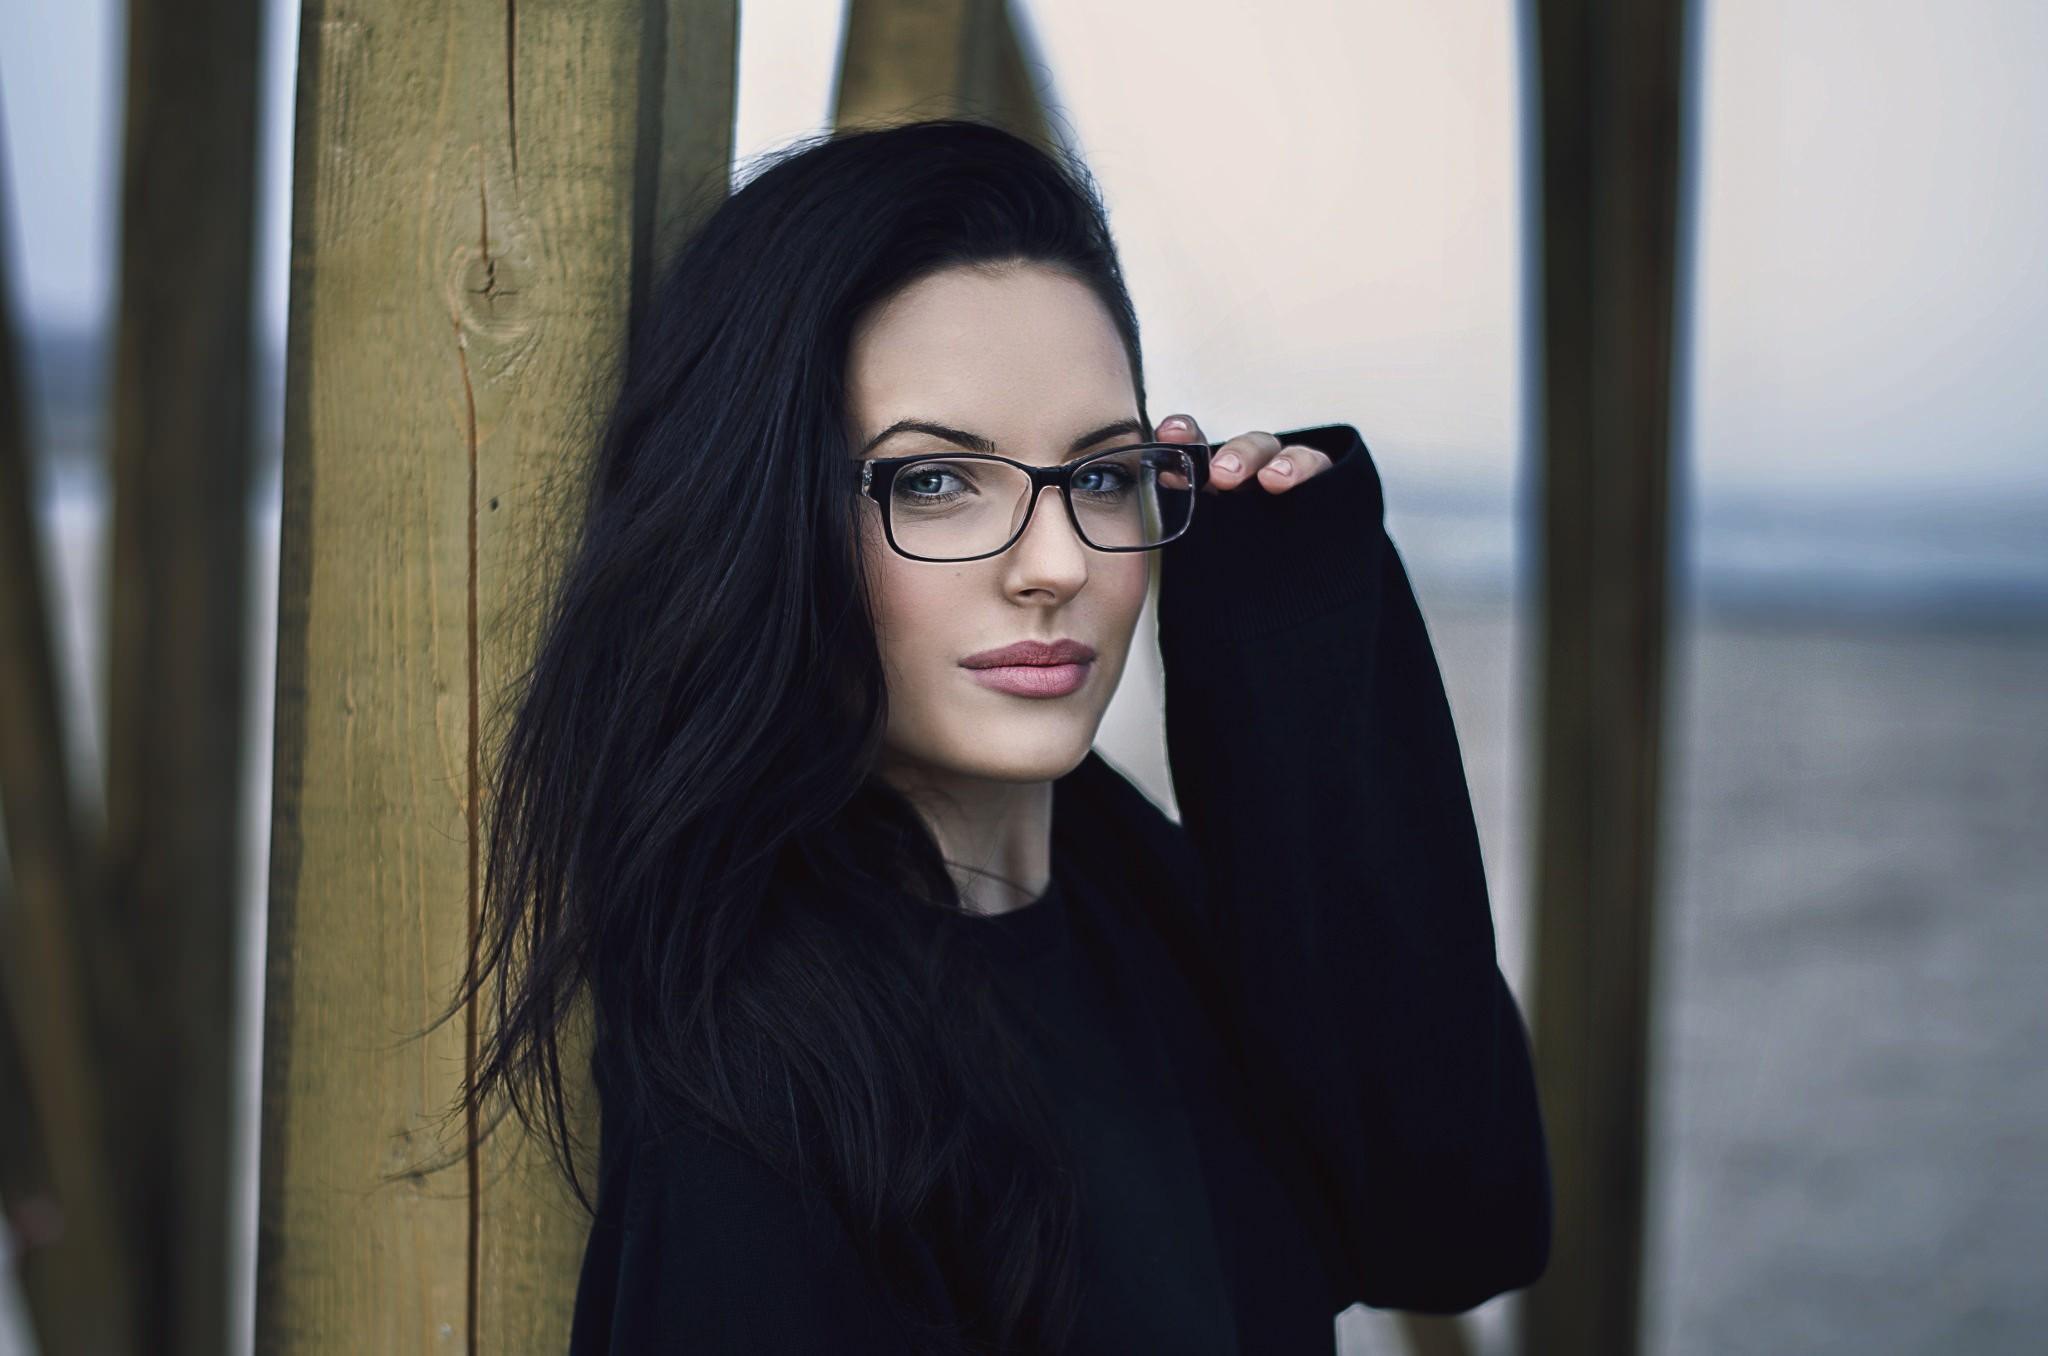 Wallpaper : Face, White, Black, Model, Women With Glasses